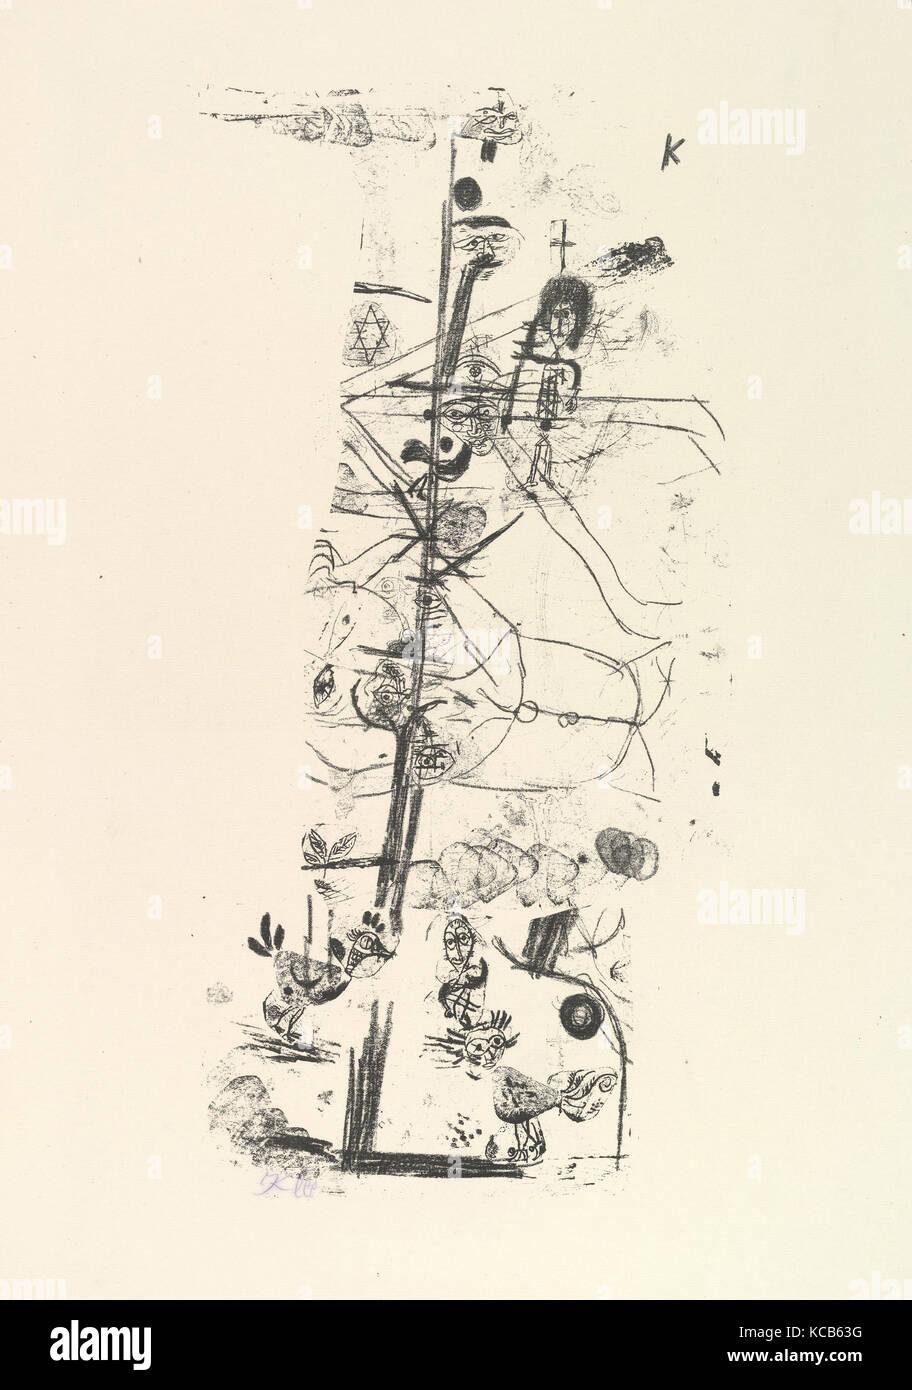 Vogel Komödie (Vogelkomödie), 1918, Lithographie, Blatt: 19 15/16 x 14 5/16 in. (50,6 x 36,4 cm), Drucke, Stockbild